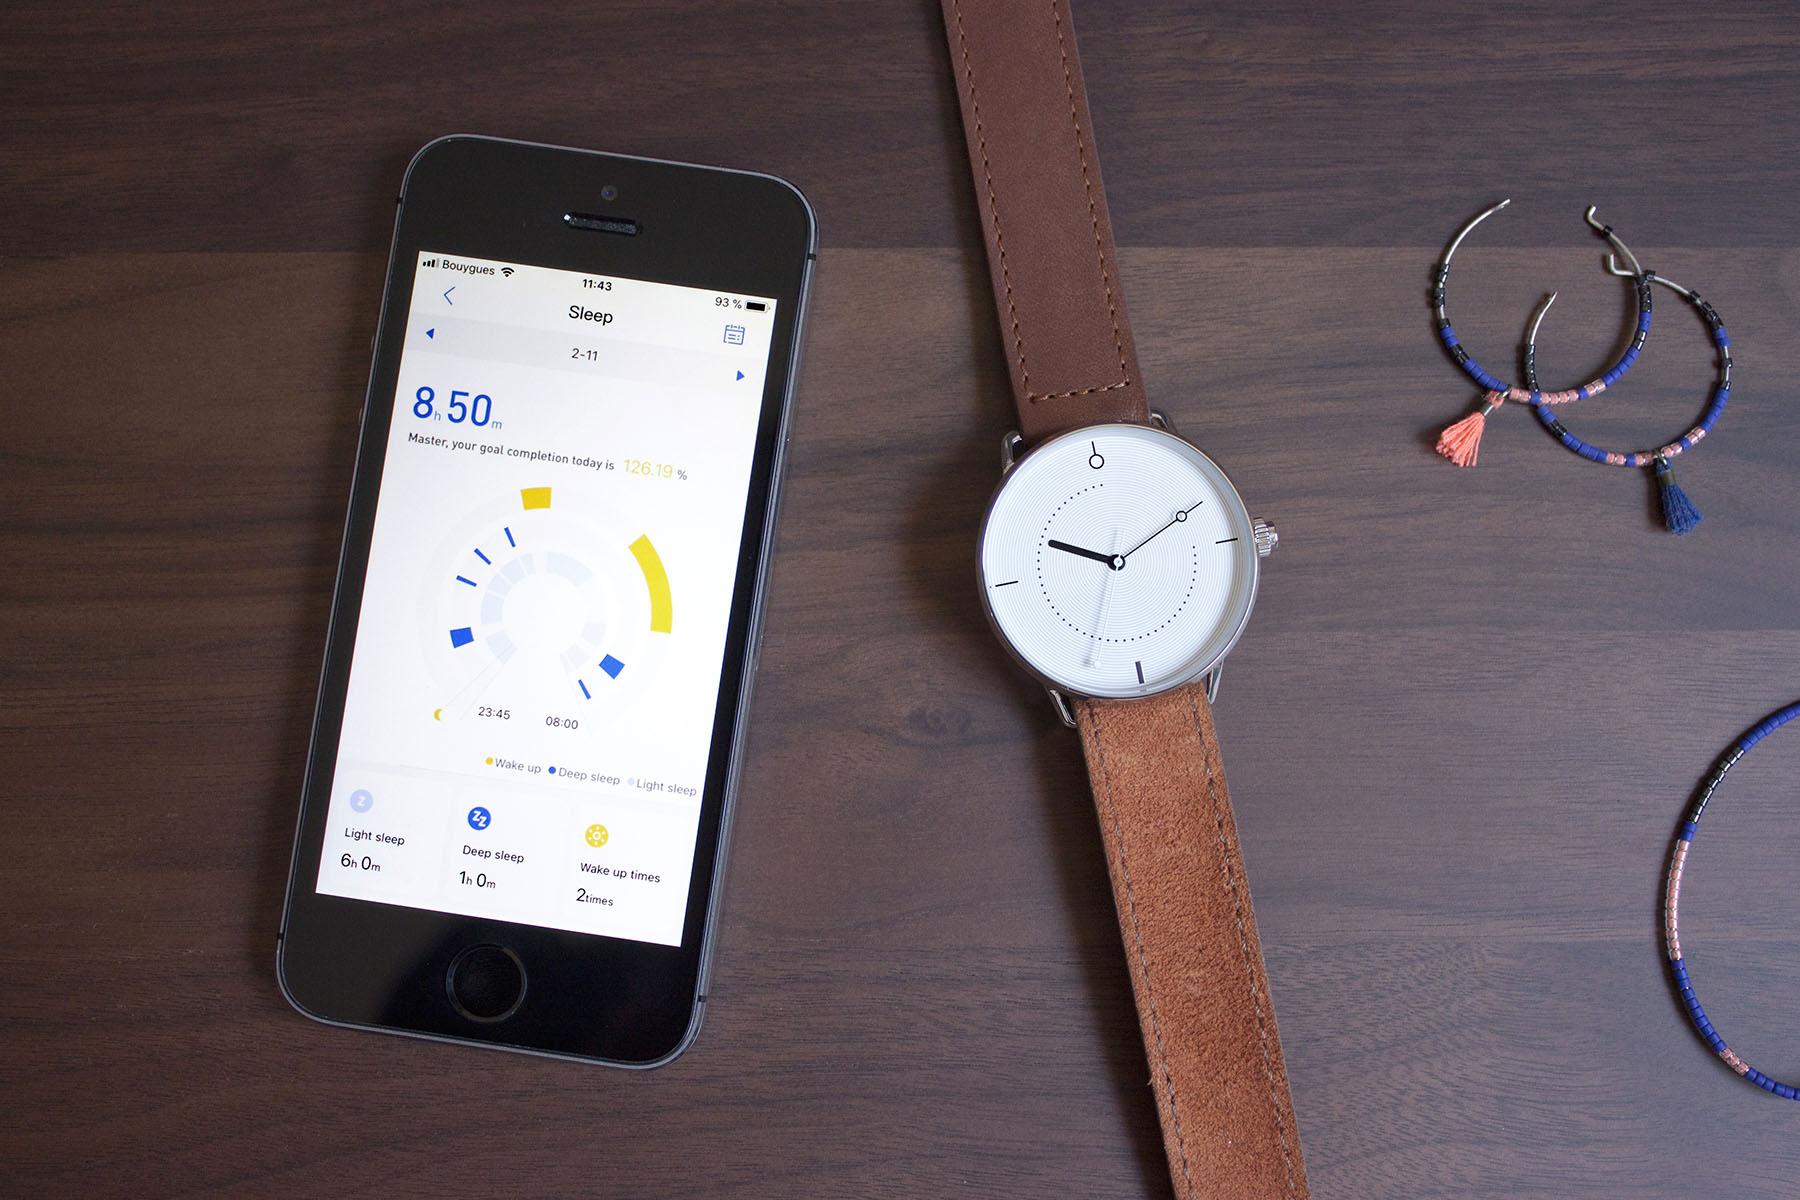 Crowdfunding : La montre SHAMMANE 03 Connectée Hybride